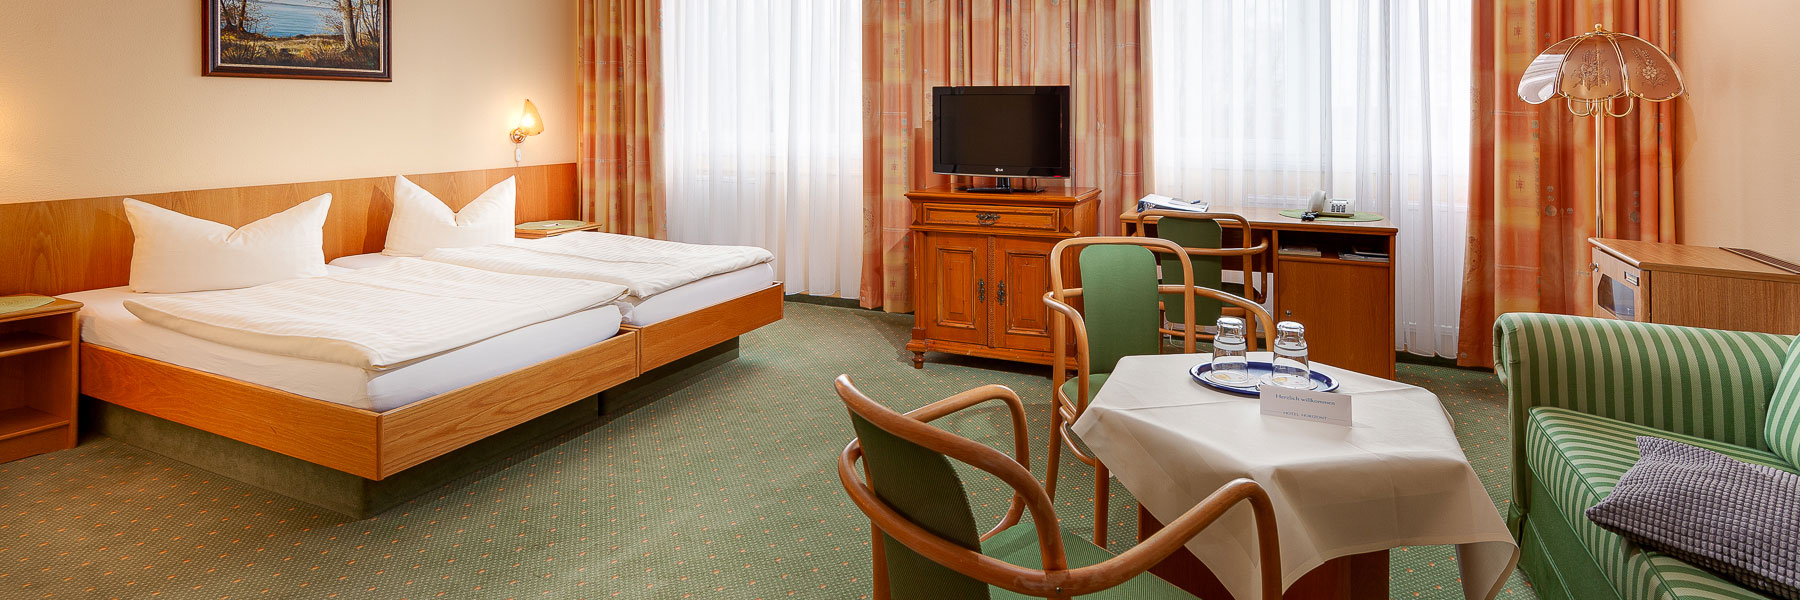 Doppelzimmer - Hotel Horizont